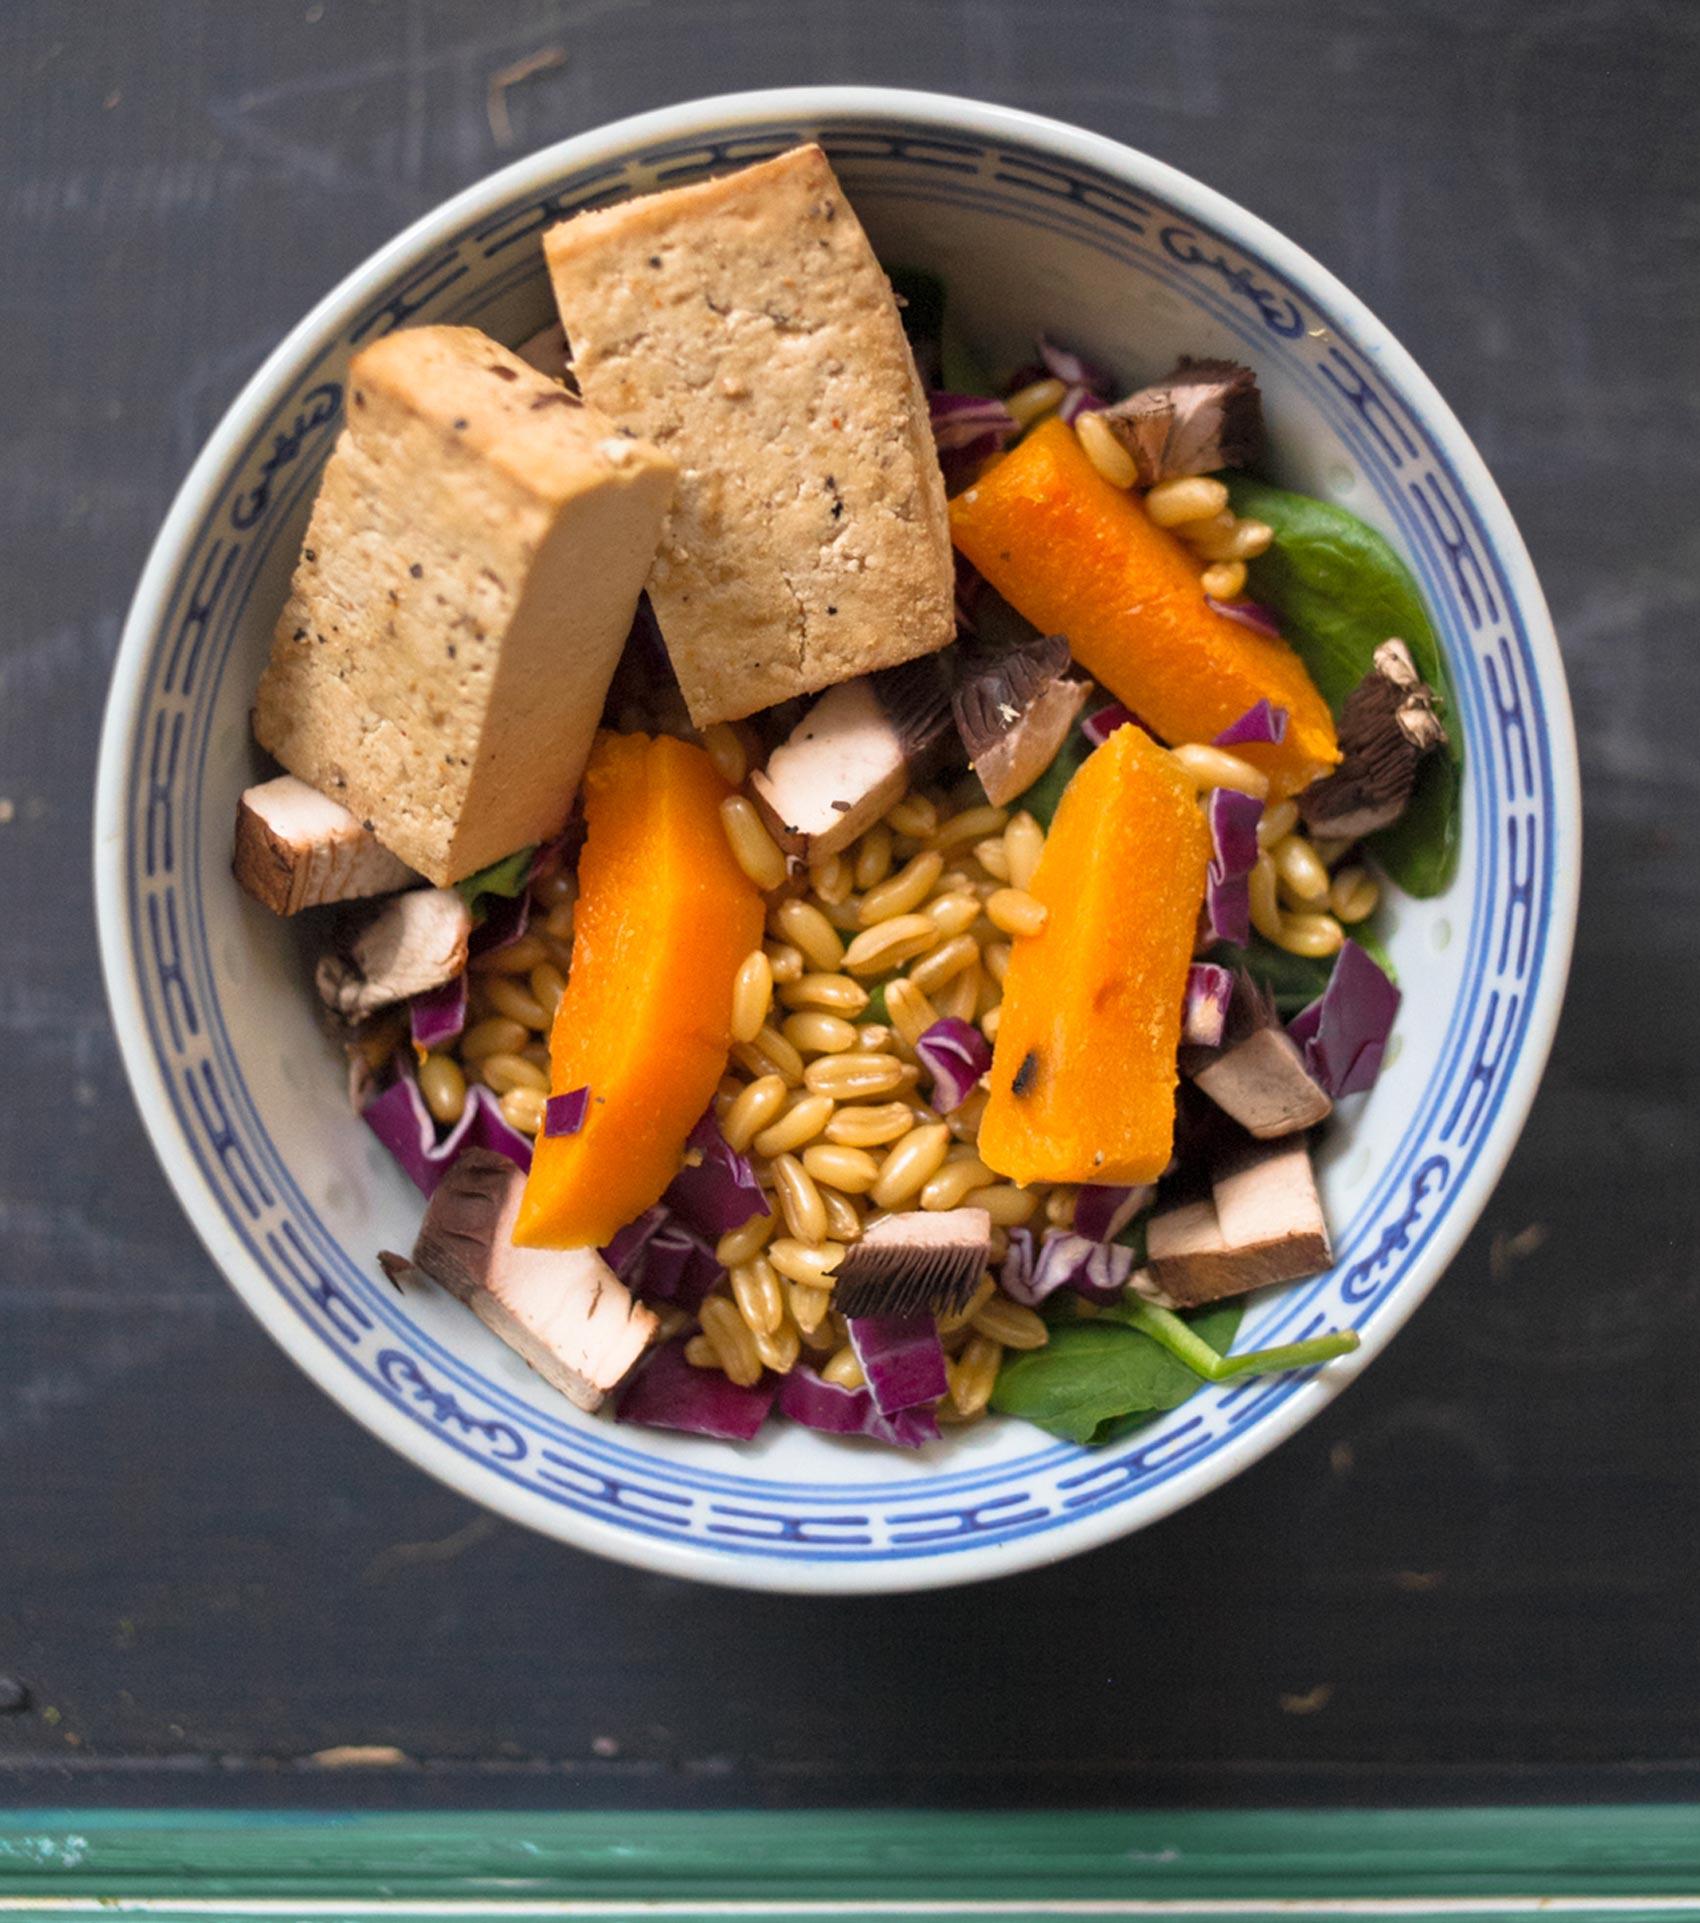 Tofu + Butternut Squash + Mushrooms + Spinach + Cabbage + Farro